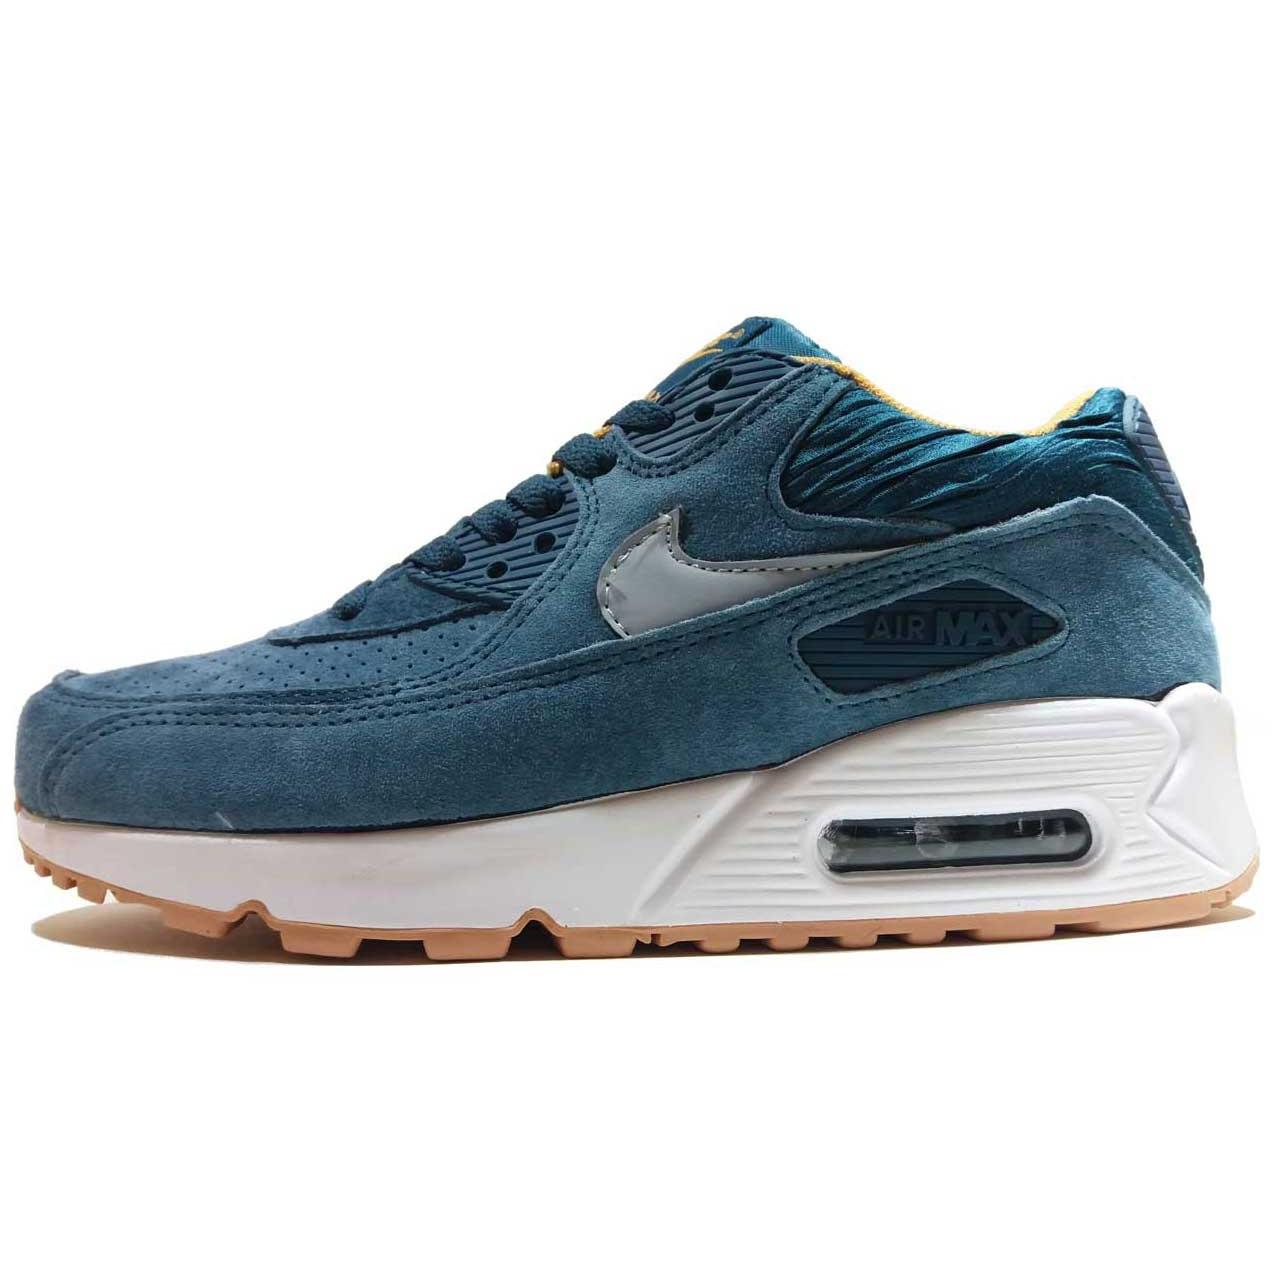 کفش مخصوص دویدن زنانه مدل Air max 90 LTHR_0012B